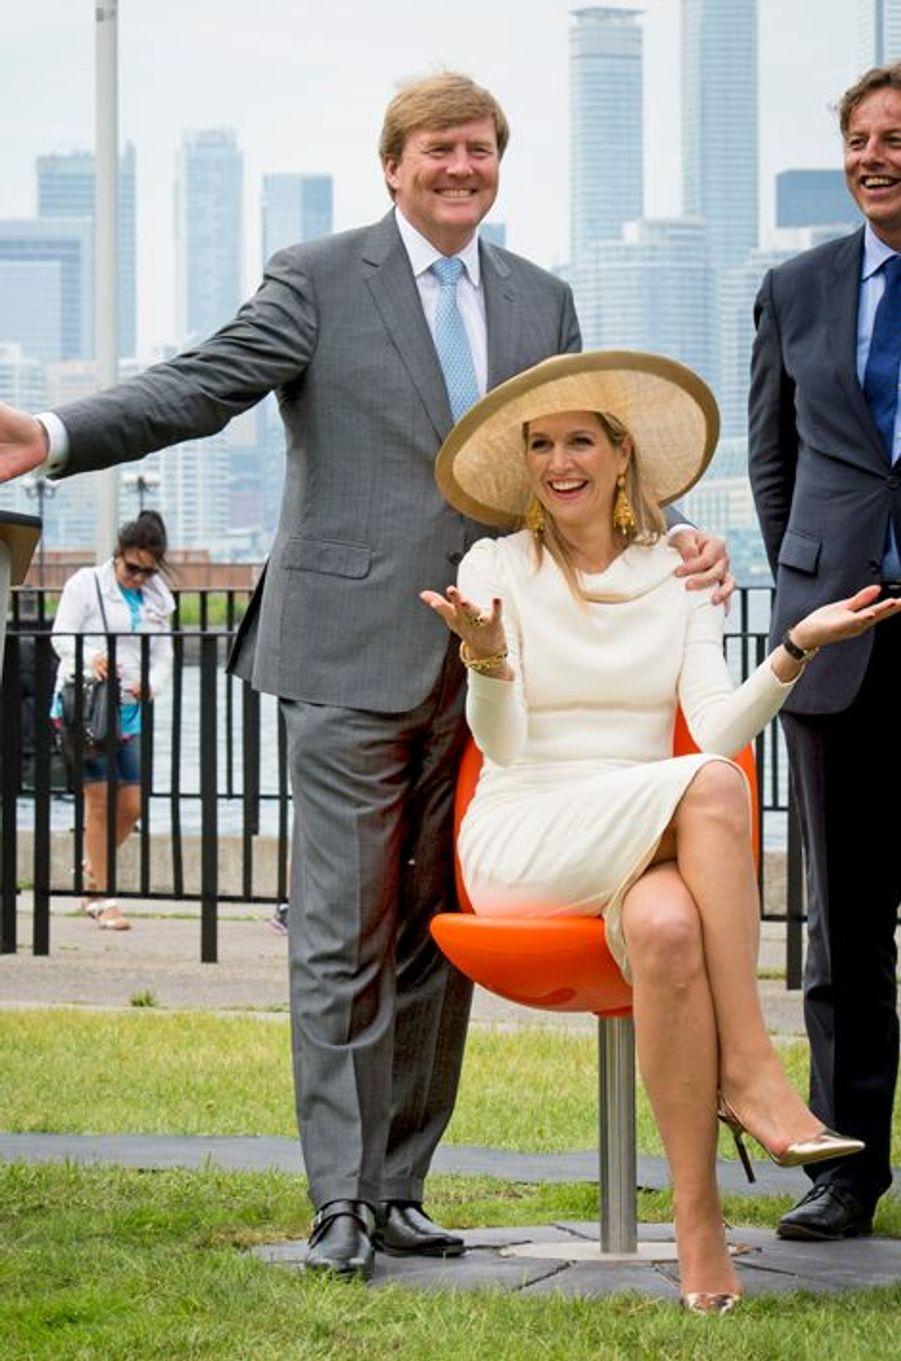 La reine Maxima et le roi Willem-Alexander testent les tulpi-chairs à Toronto, le 29 mai 2015